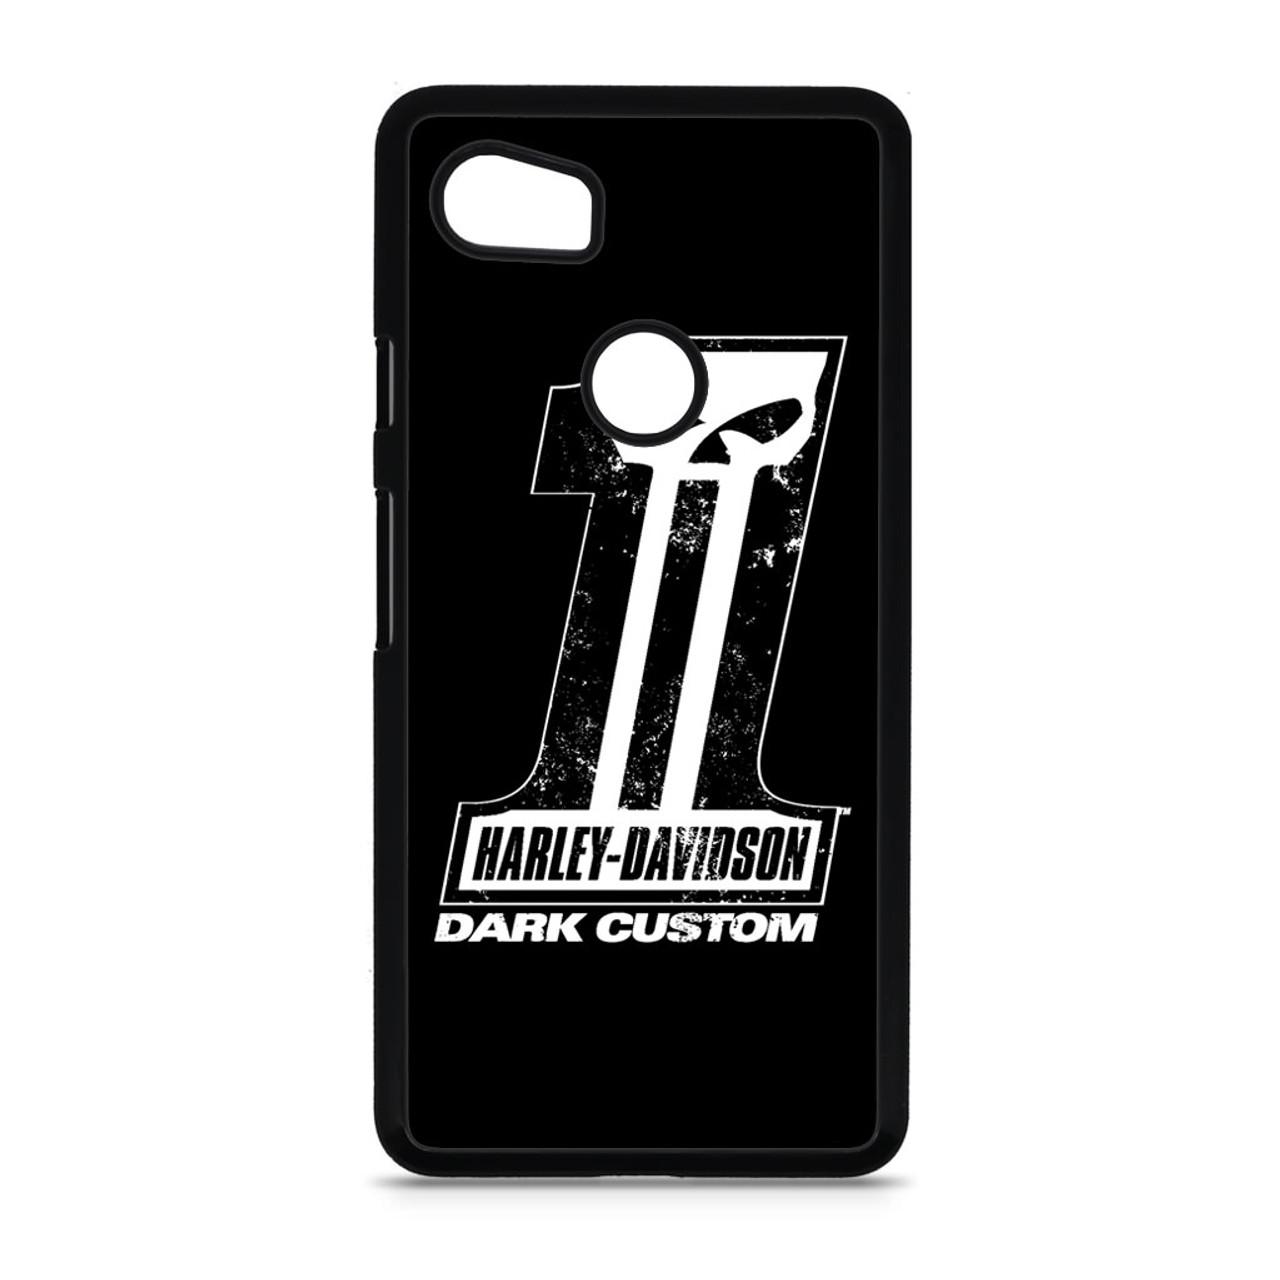 Harley Davidson Dark Custom Google Pixel 2 Xl Case Ggians